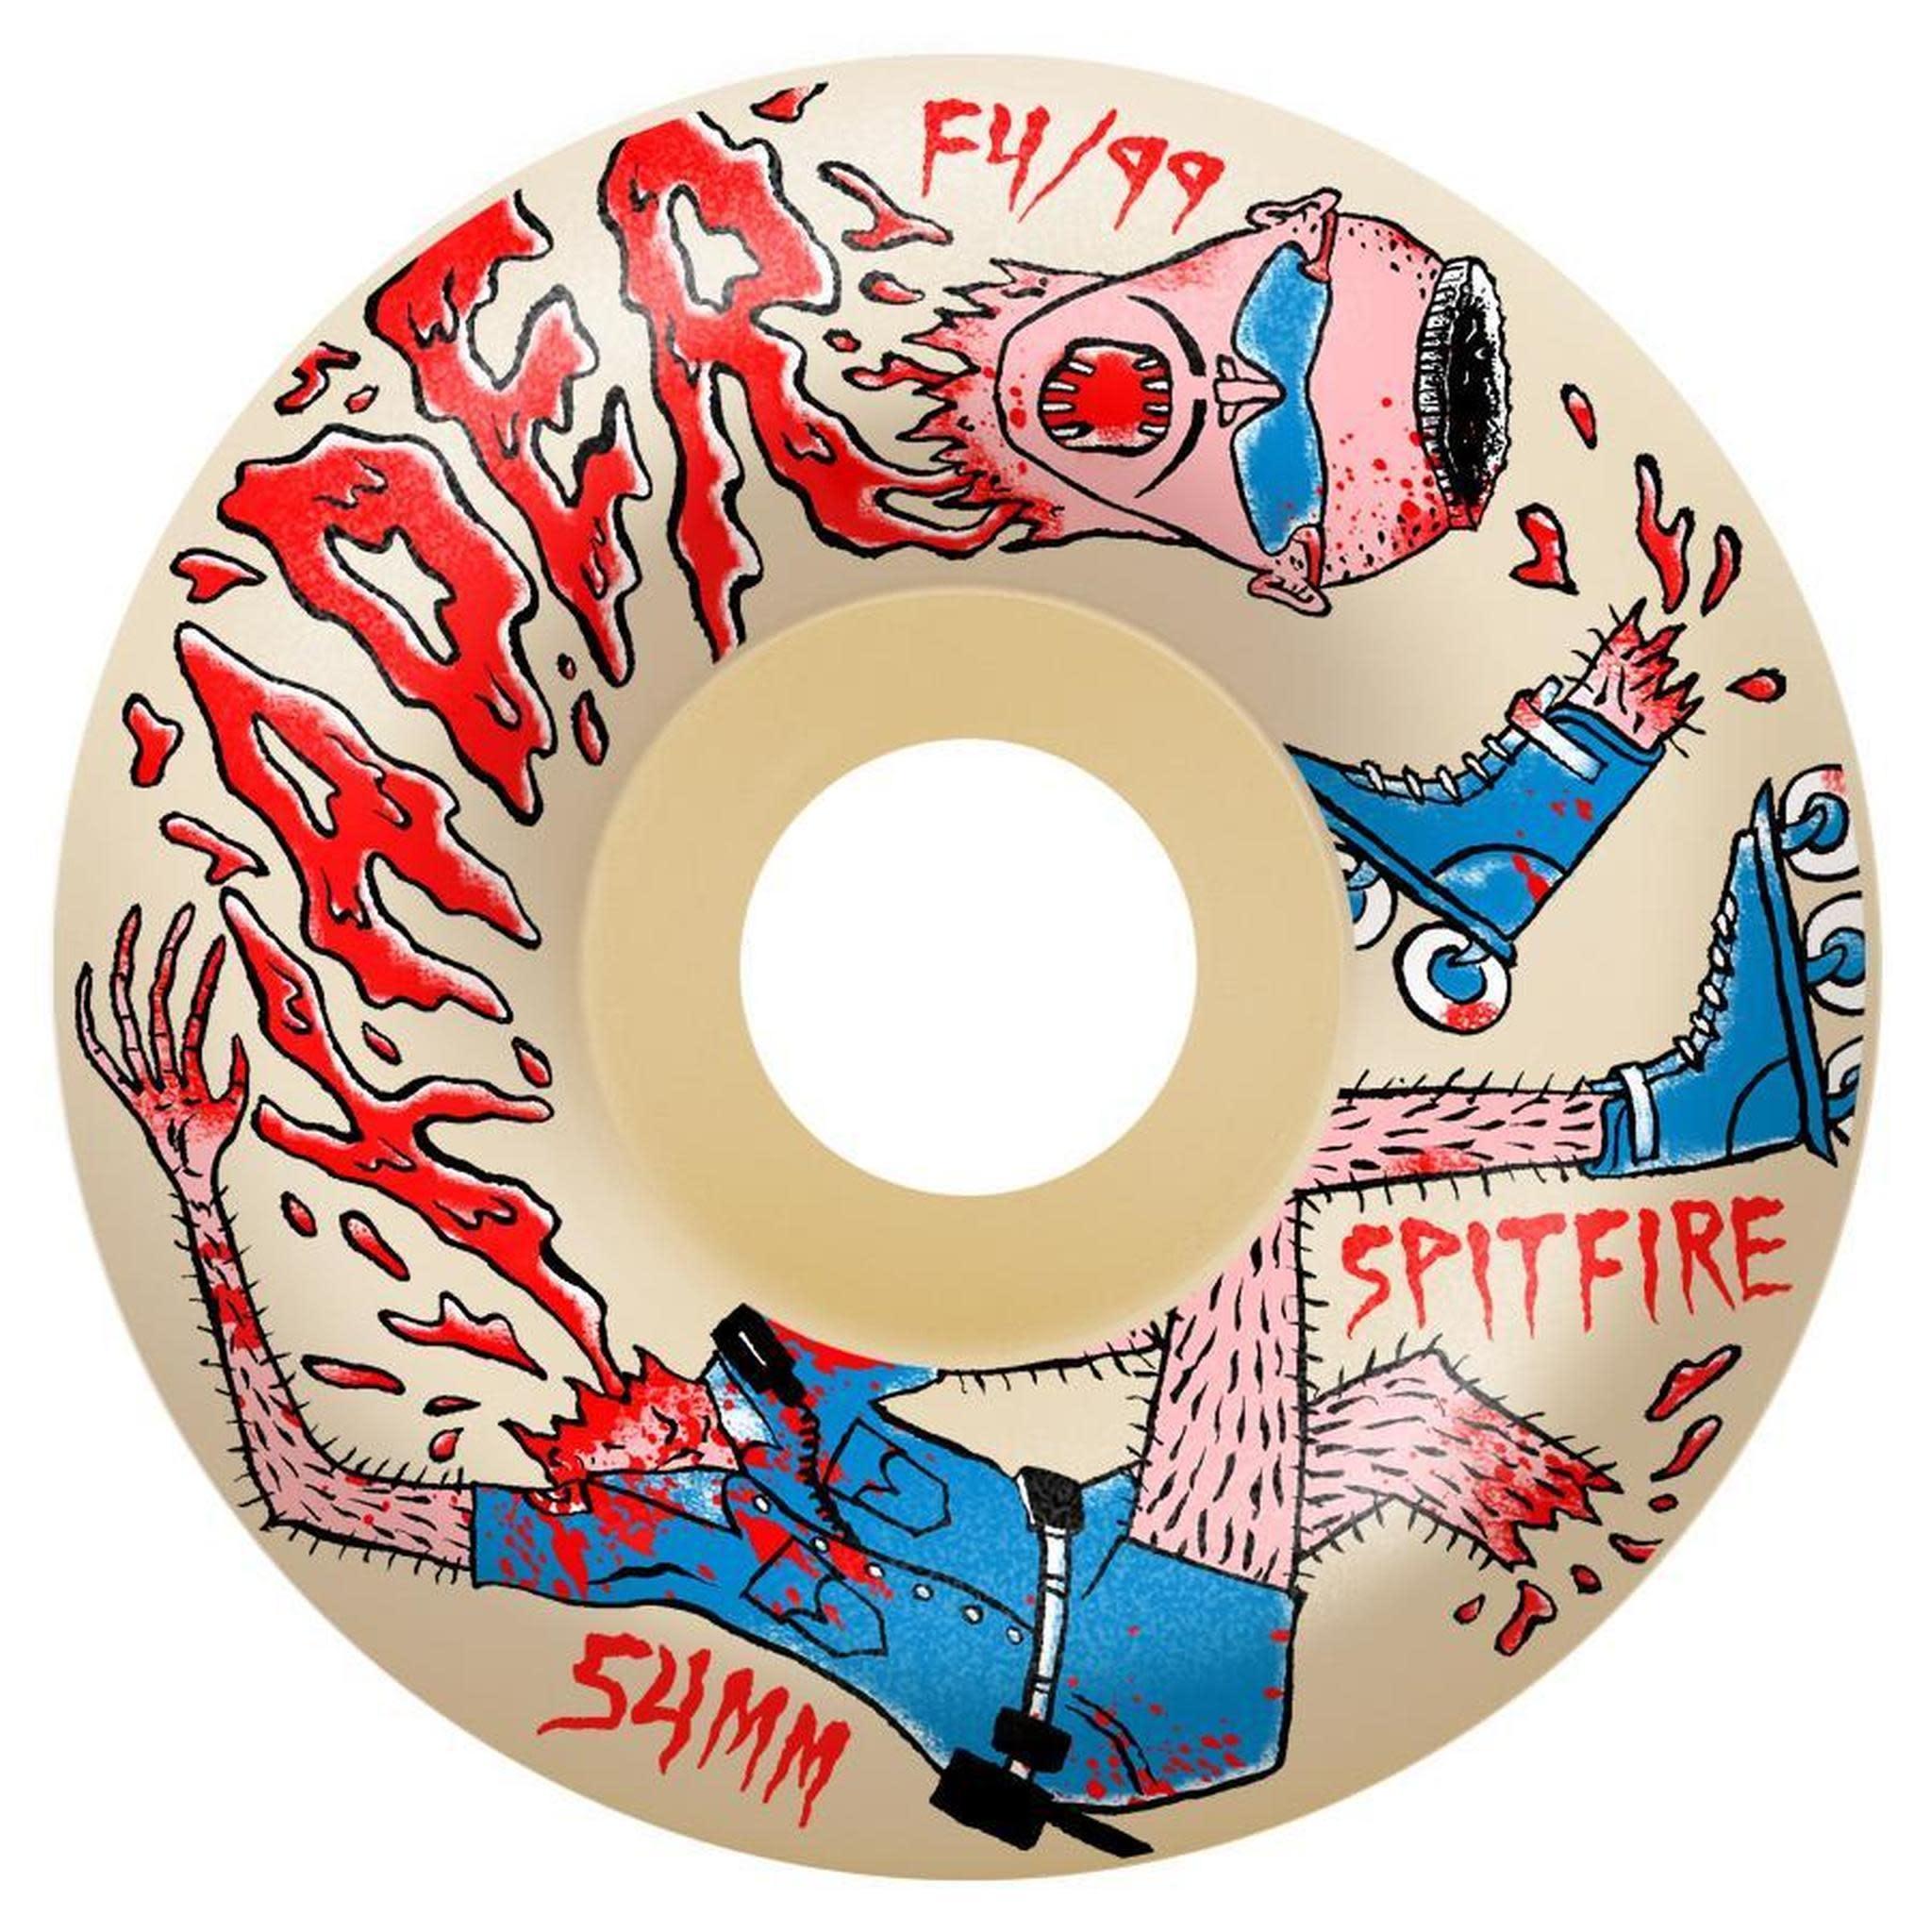 Spitfire Wheels Spitfire F4 99 Kader Neckface 54 Radial